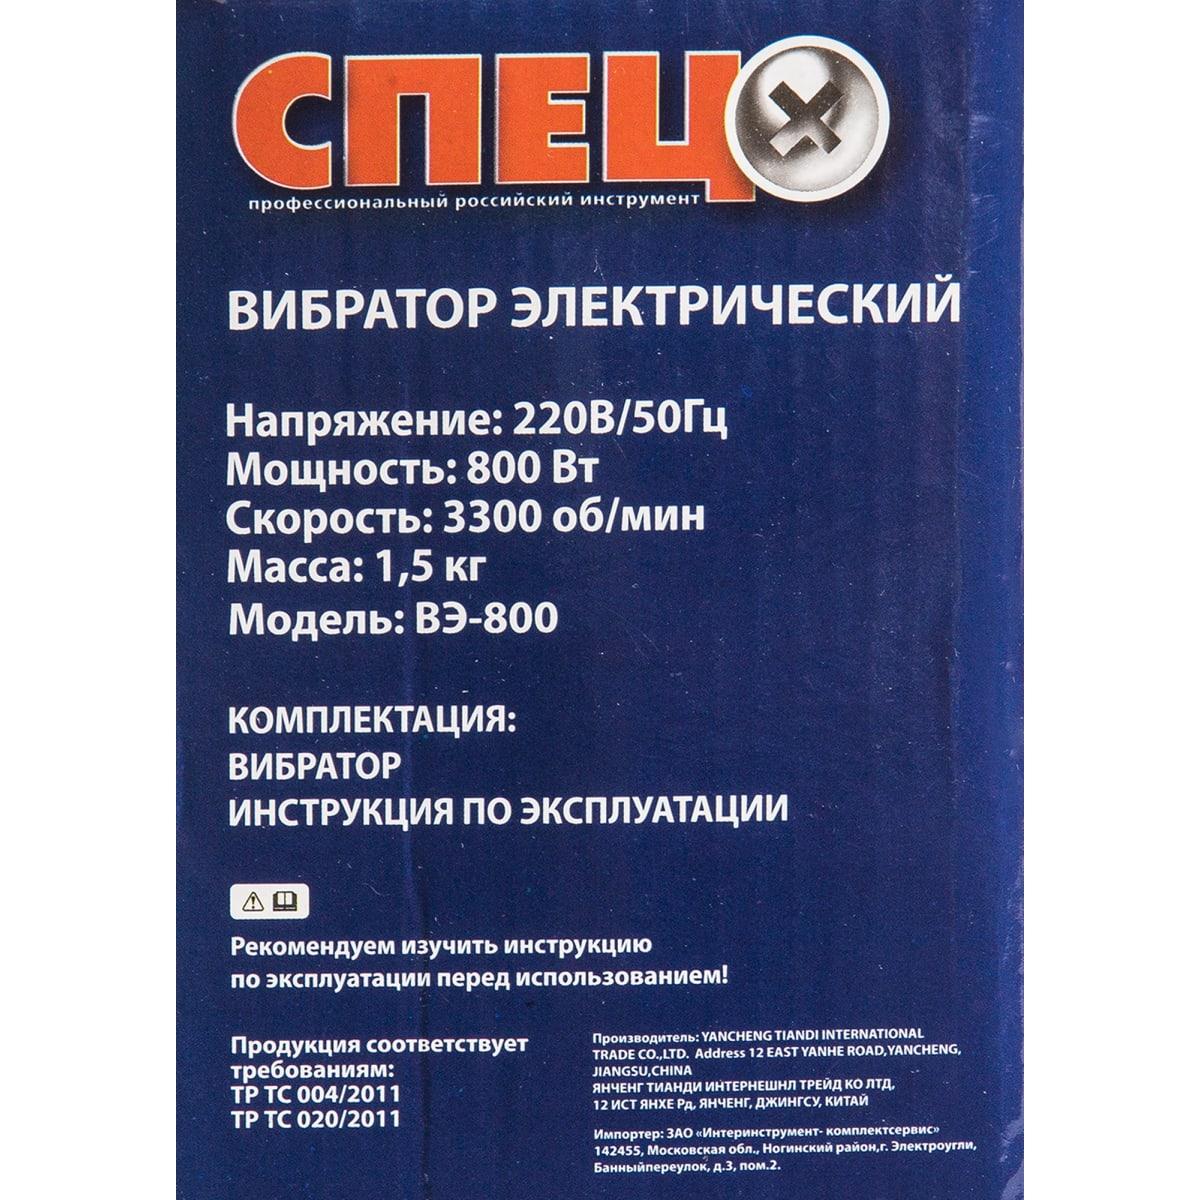 Вибратор бетона купить в новокузнецке укладка уплотнение бетонной смеси и уход за бетоном